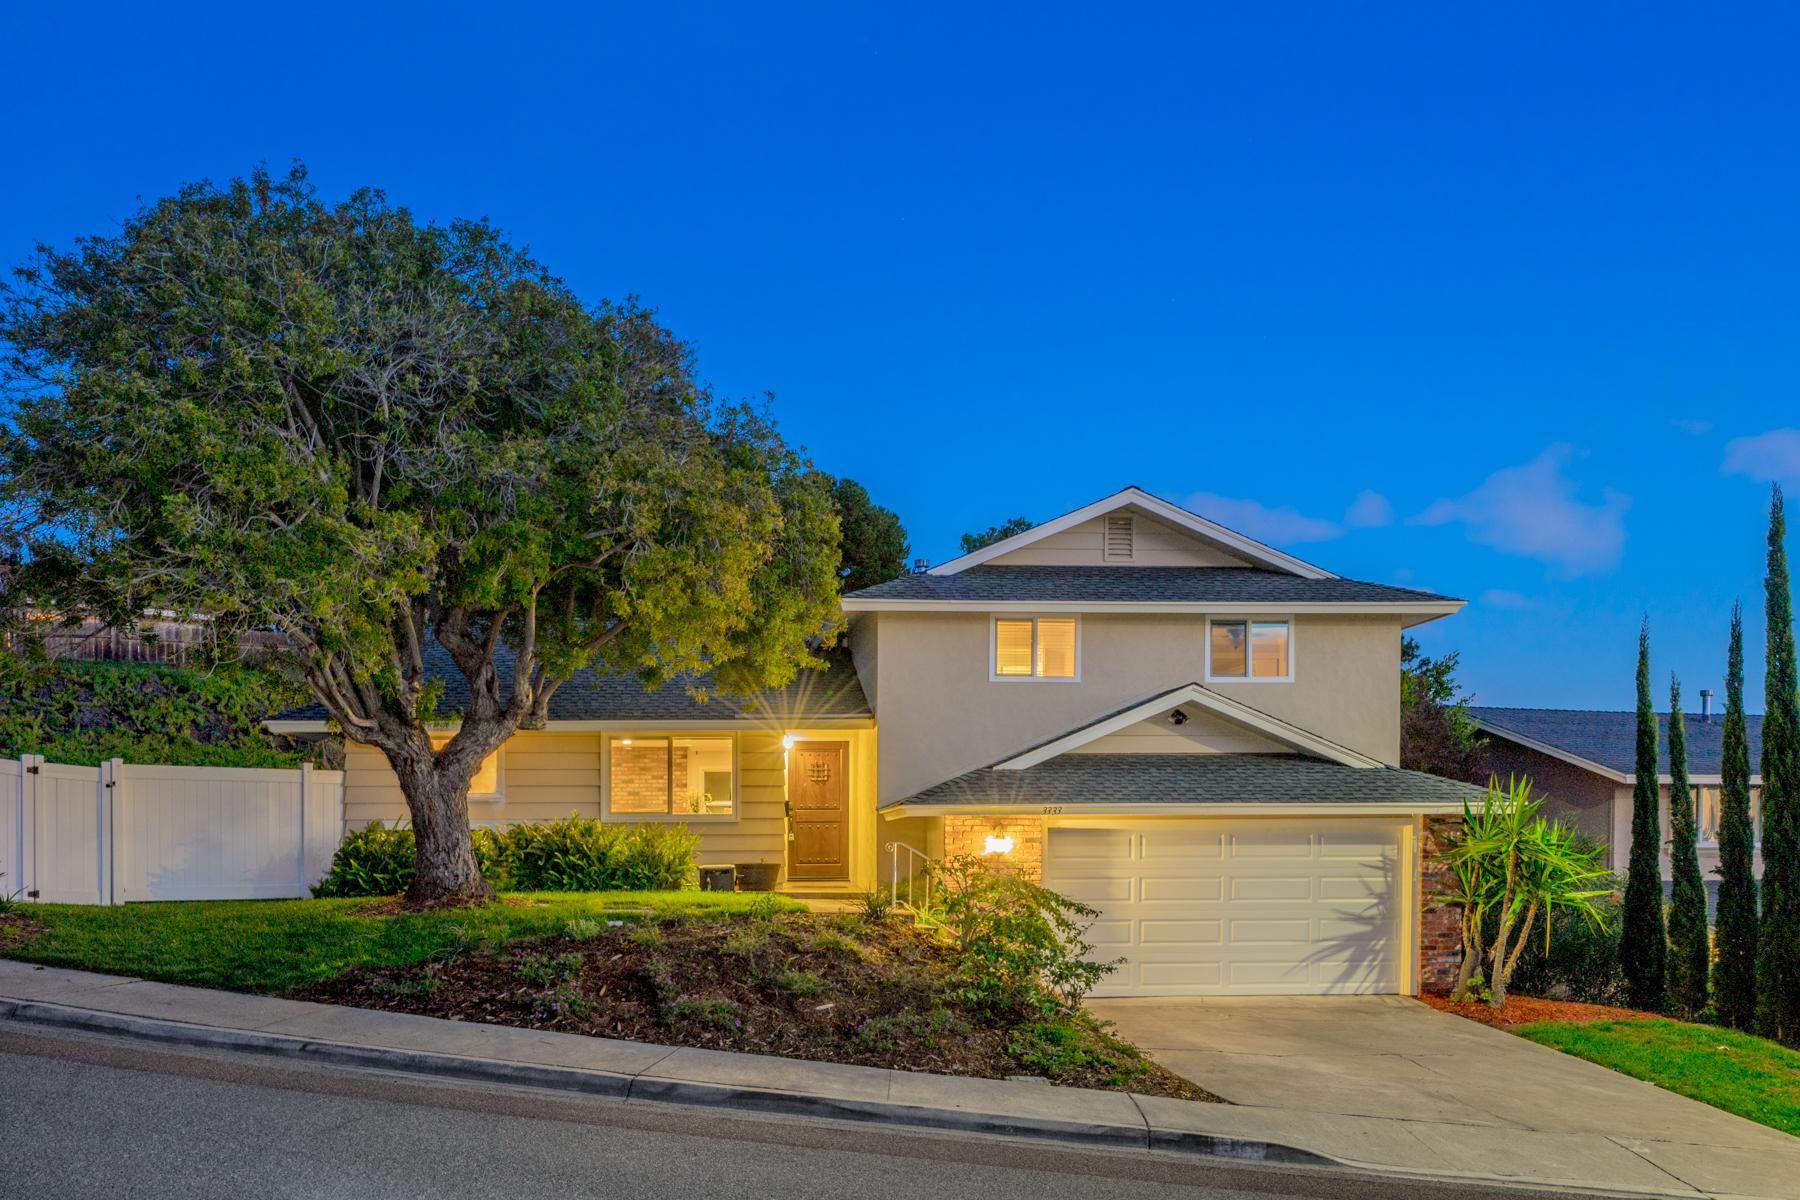 Casa para uma família para Venda às 3333 Yucca Bay Ho, San Diego, Califórnia, 92117 Estados Unidos